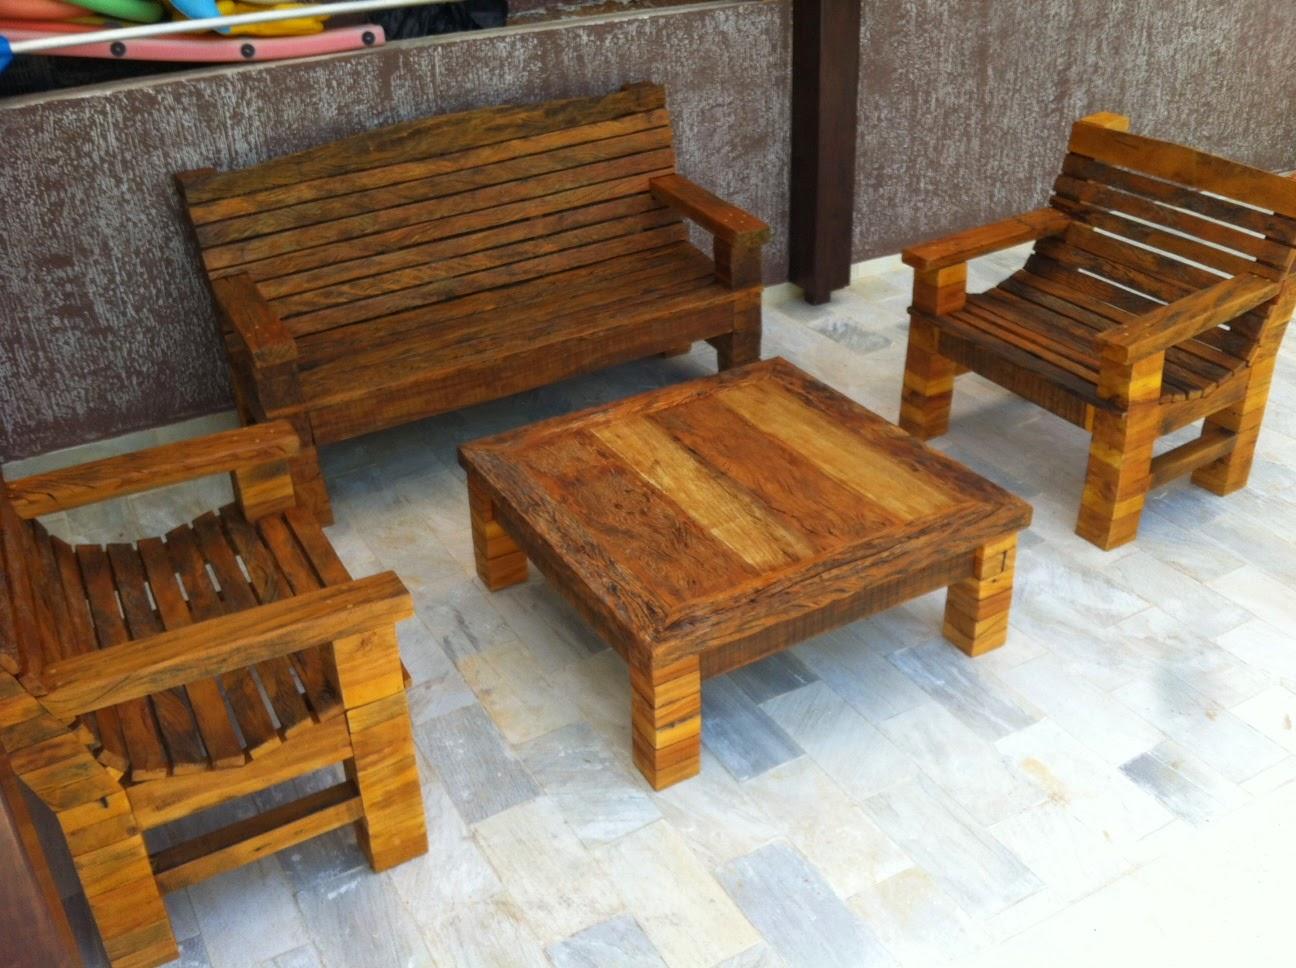 jogo de mesa e bancos para jardim madeira de demolição peroba rosa #A76D24 1296x968